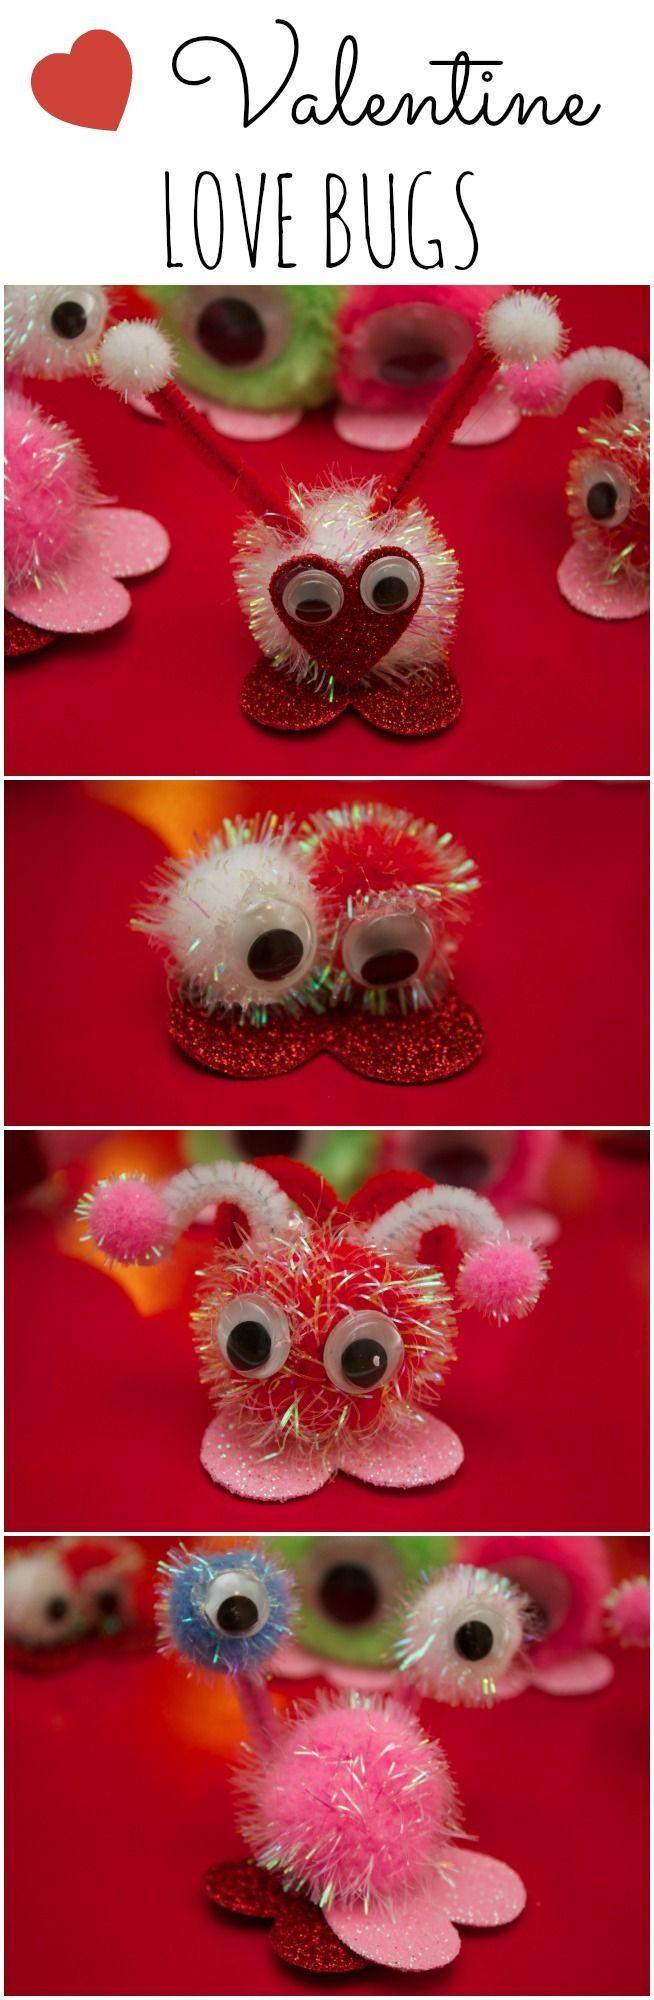 Valentine Craft Ideas For Kids-Love Bugs | Valentine's Day